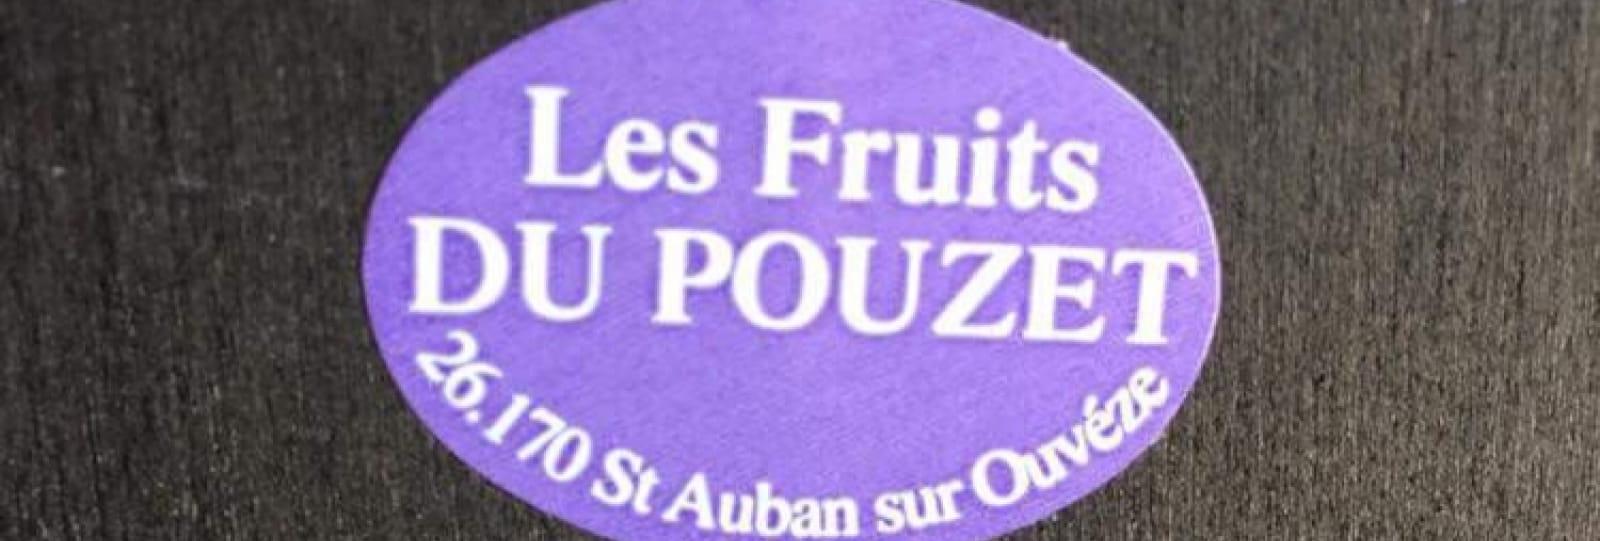 Les Fruits du Pouzet